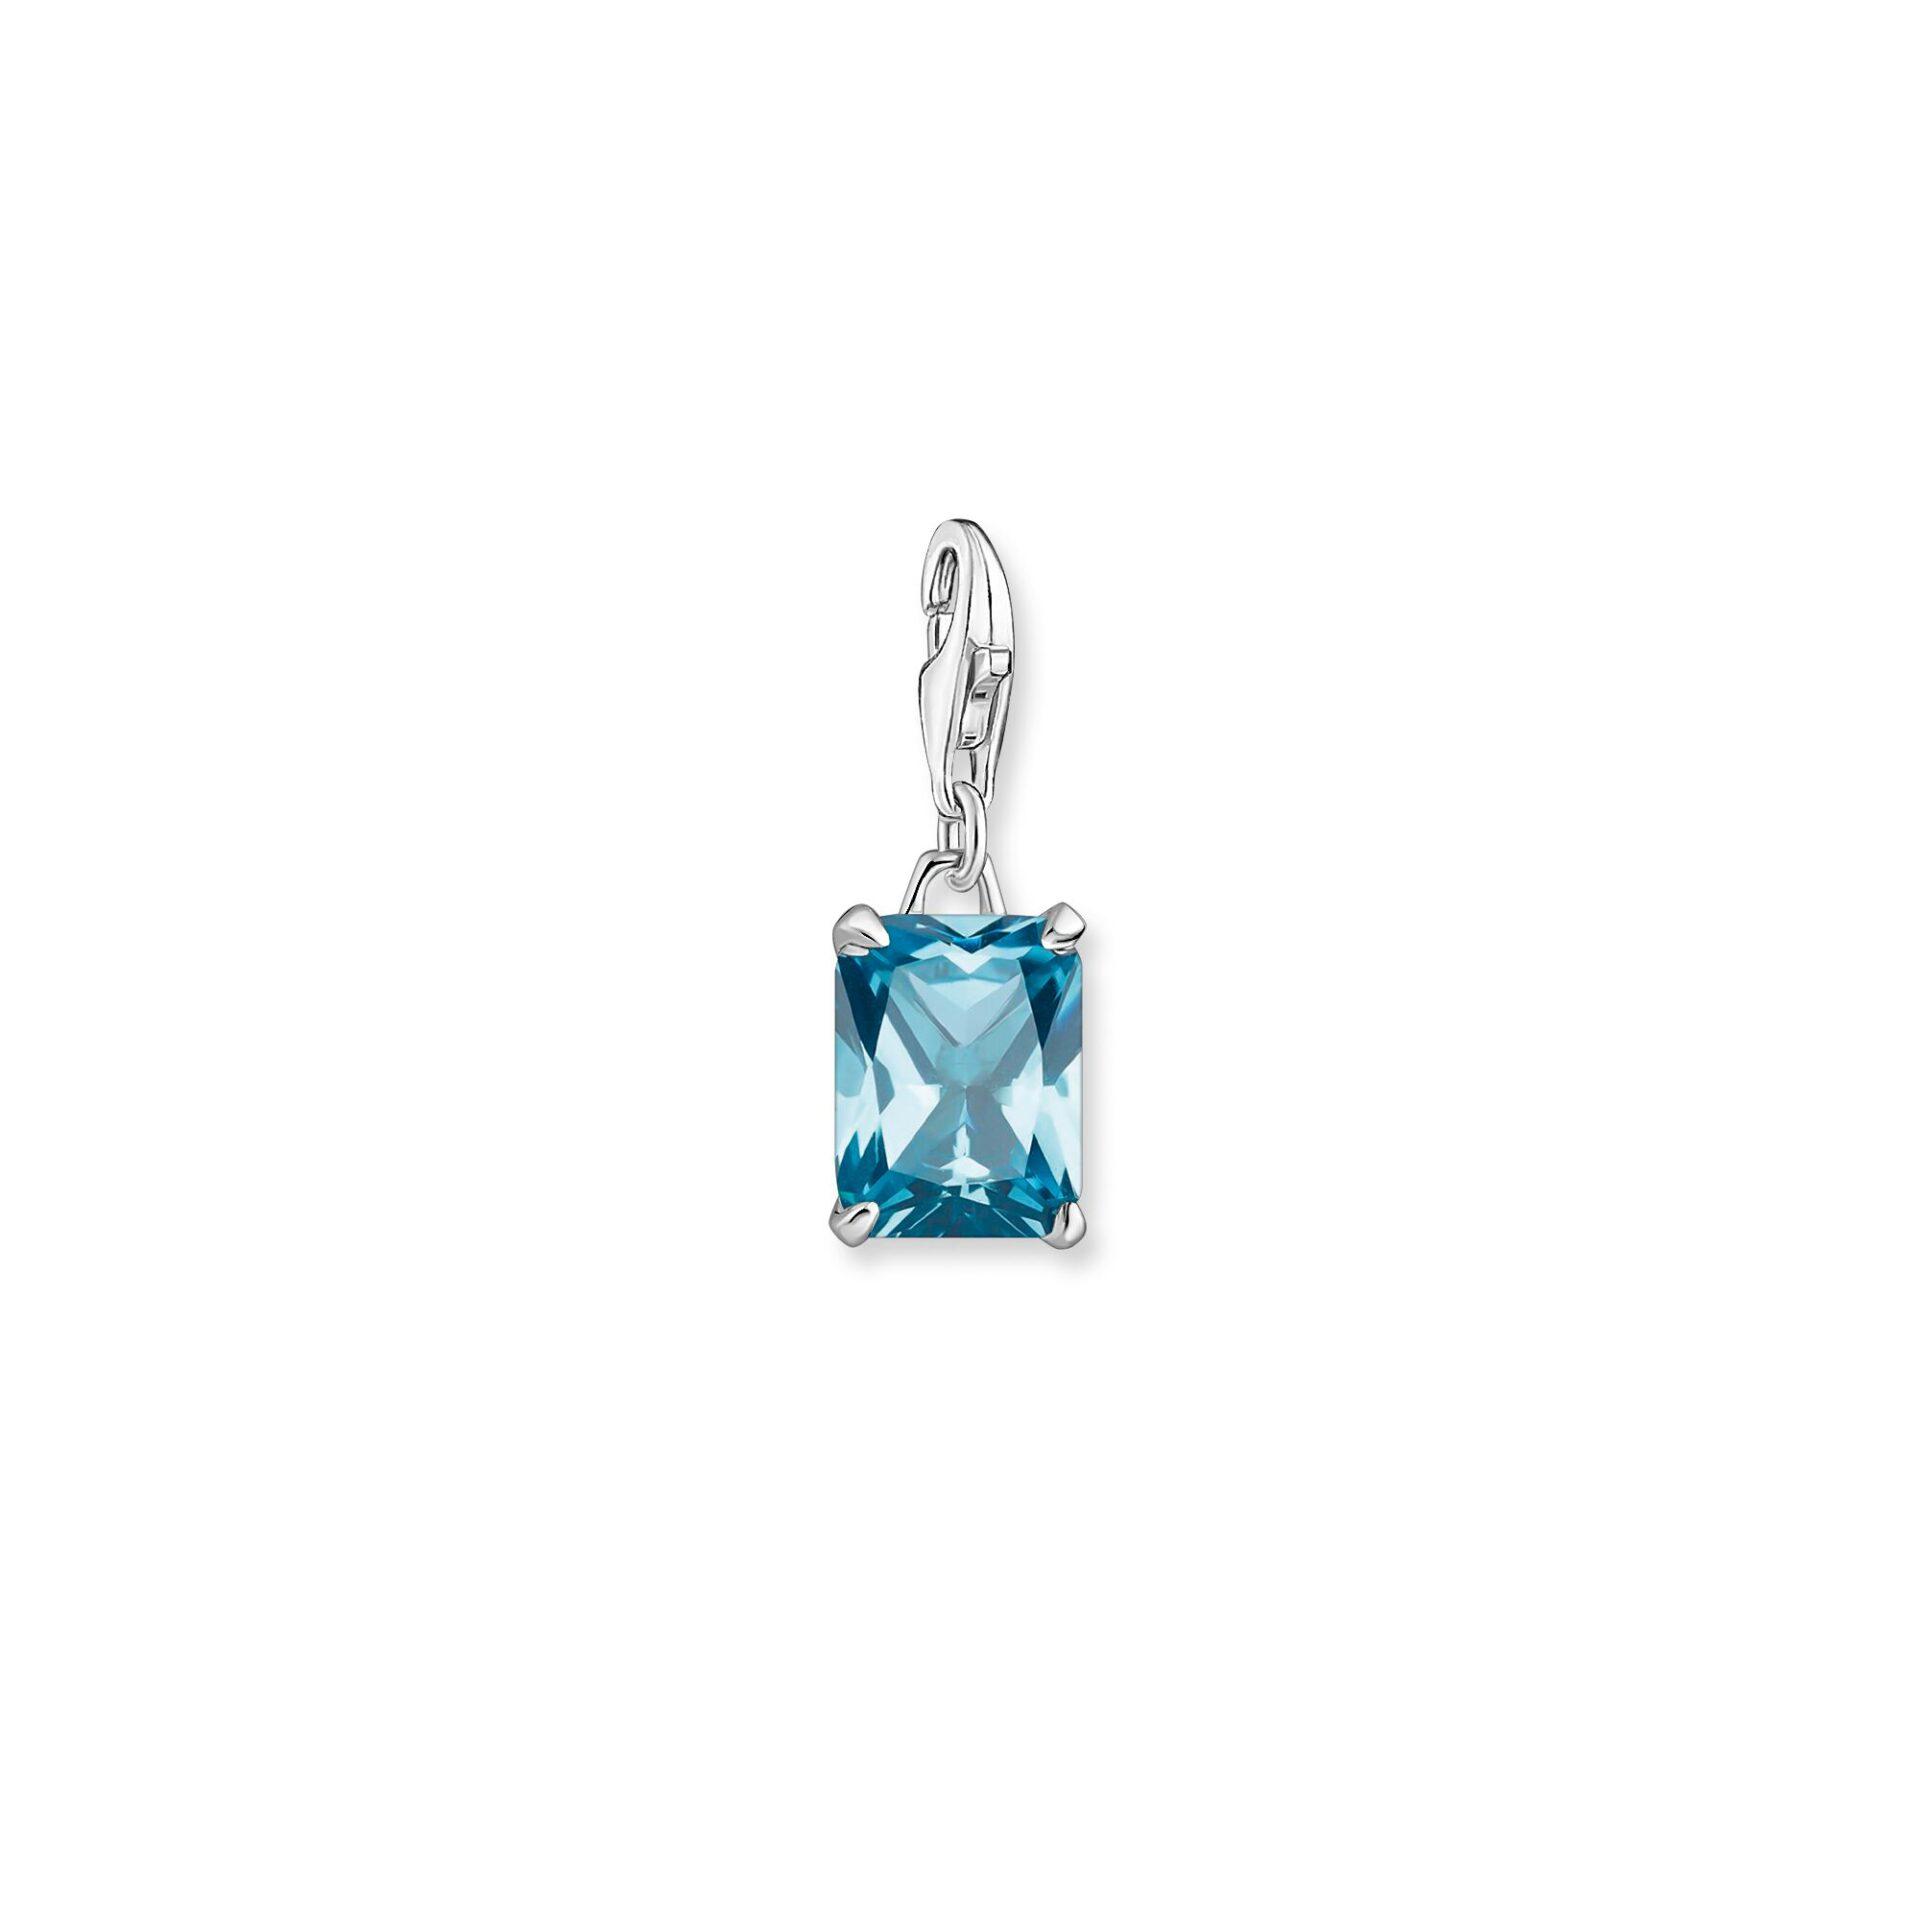 Pendentif Charme pierre bleue et argent, Thomas Sabo